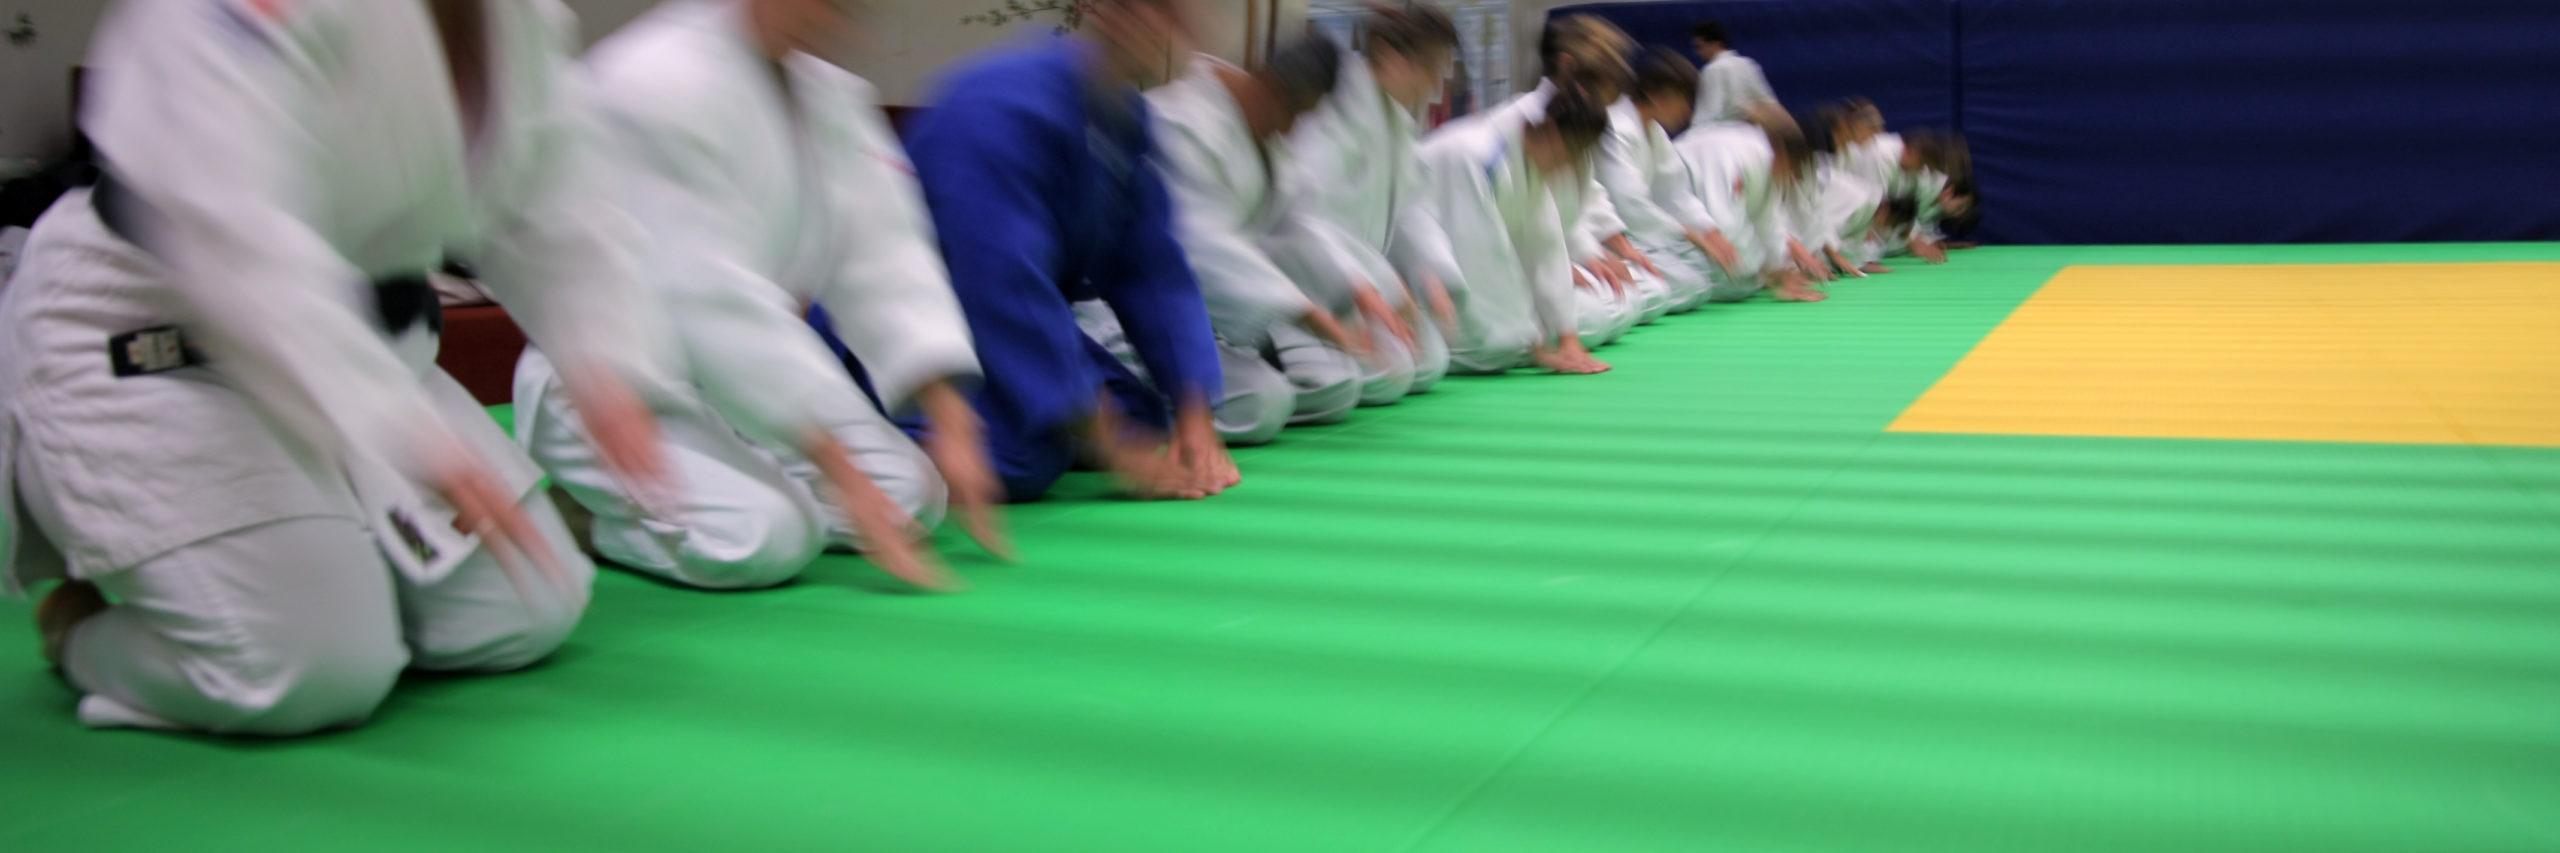 Cours de jujitsu durant les vacances d'été